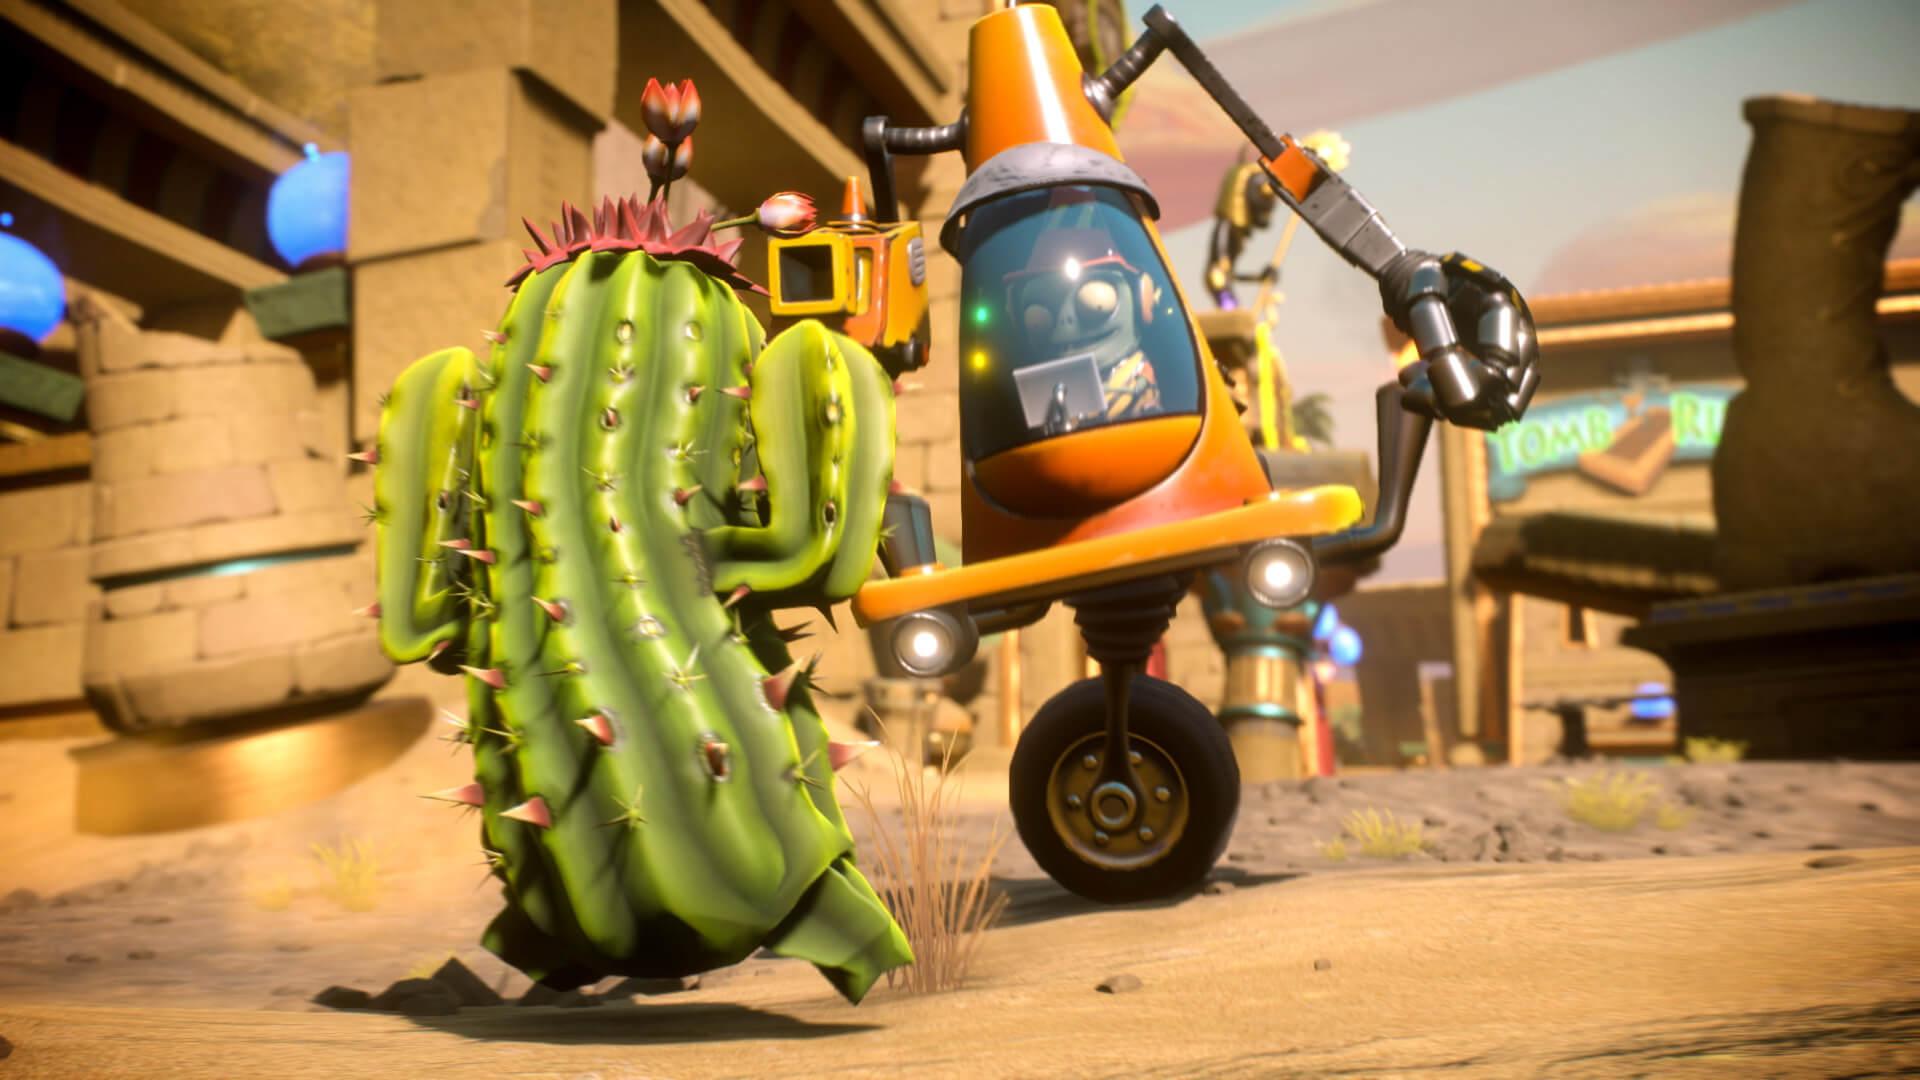 Jogo Plants Vs Zombies Garden Warfare 2 Para Xbox One Dicas An Lise E Imagens Jogorama